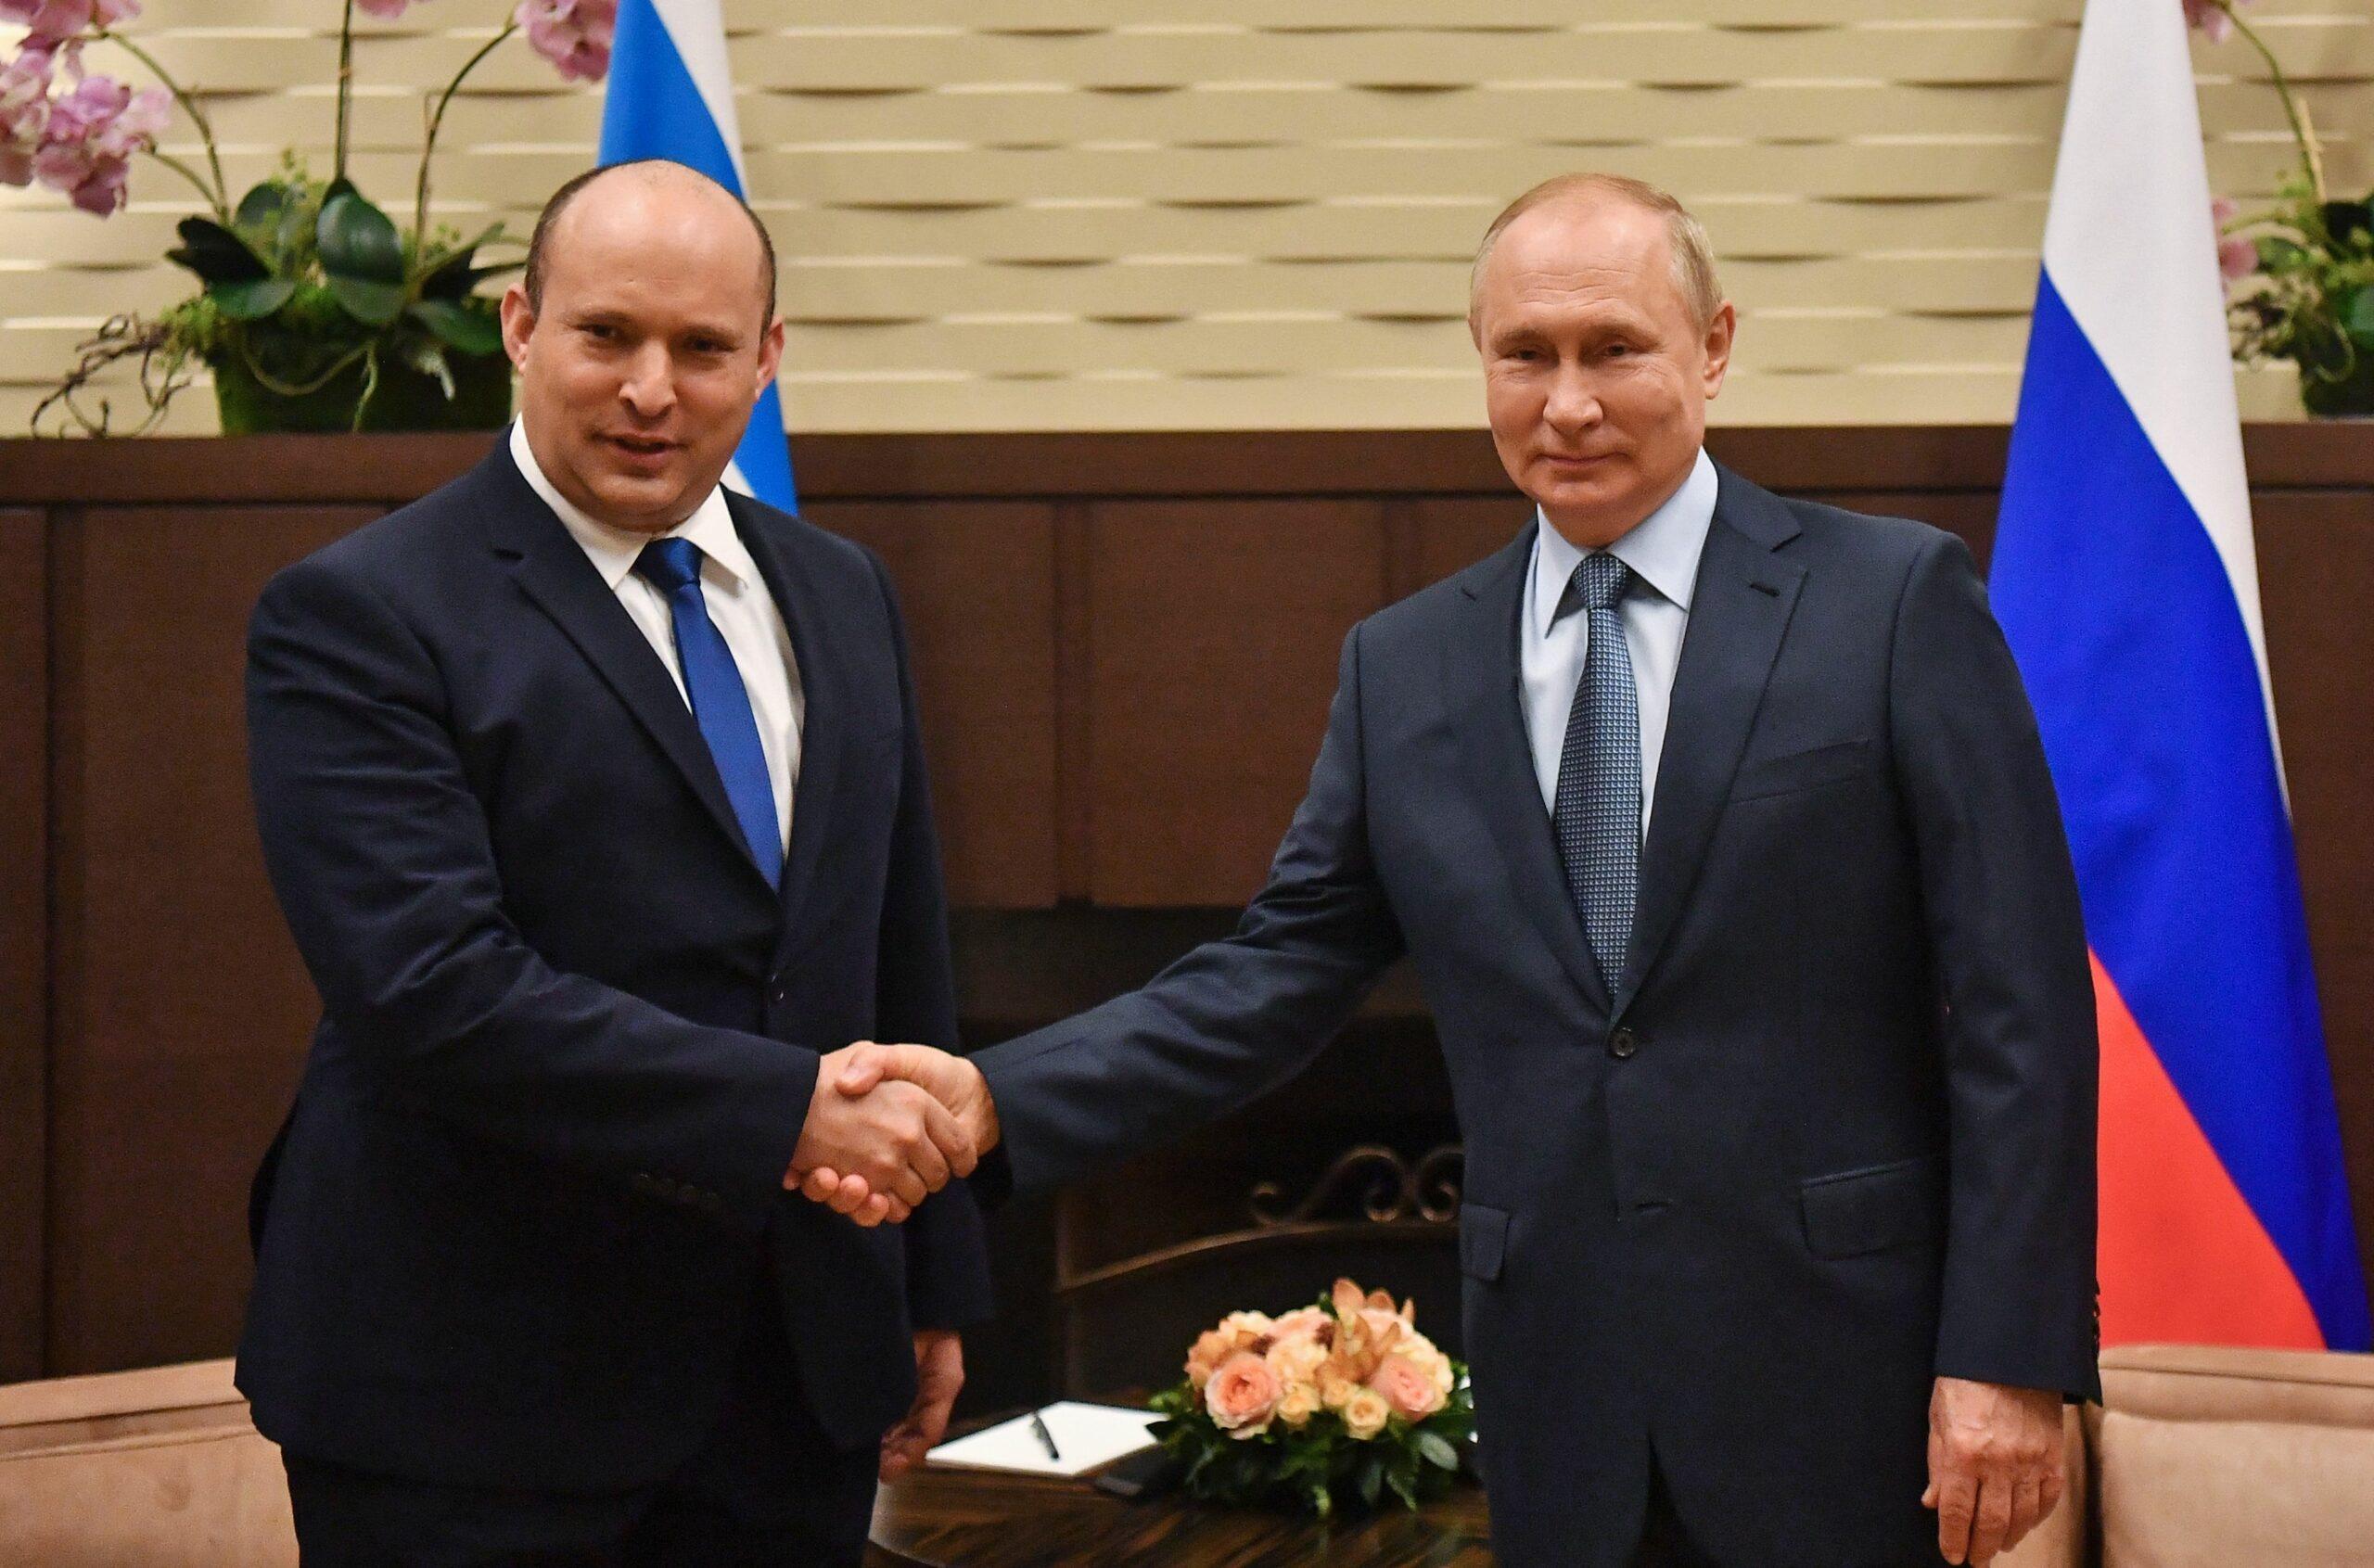 في صفعة جديدة للاسد . روسيا لن تعيق الحملة الجوية للجيش الإسرائيلي على سوريا